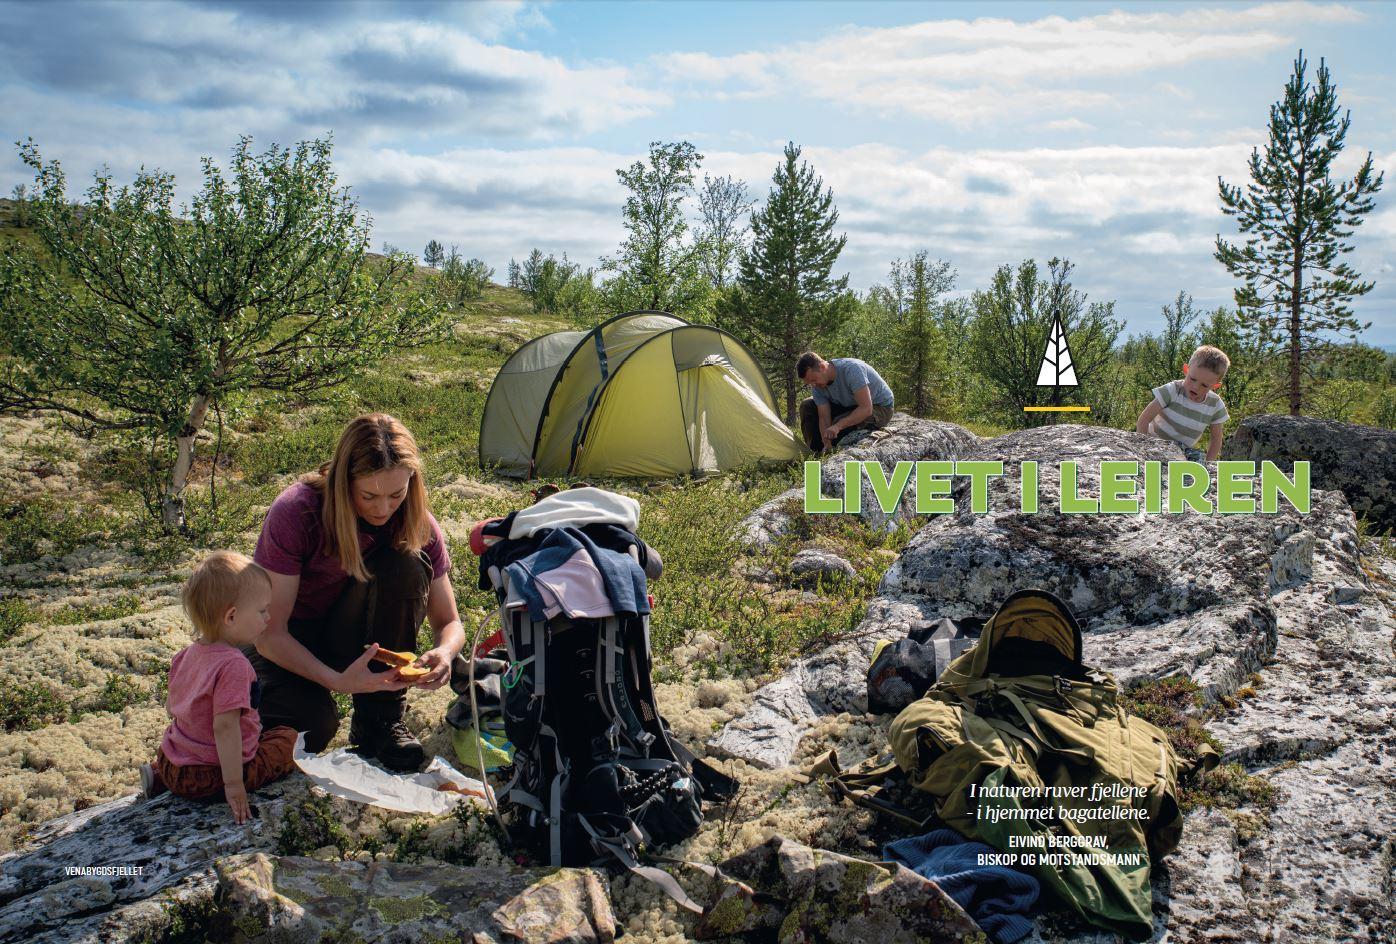 Utentter gir deg gode tips til livet i teltleiren